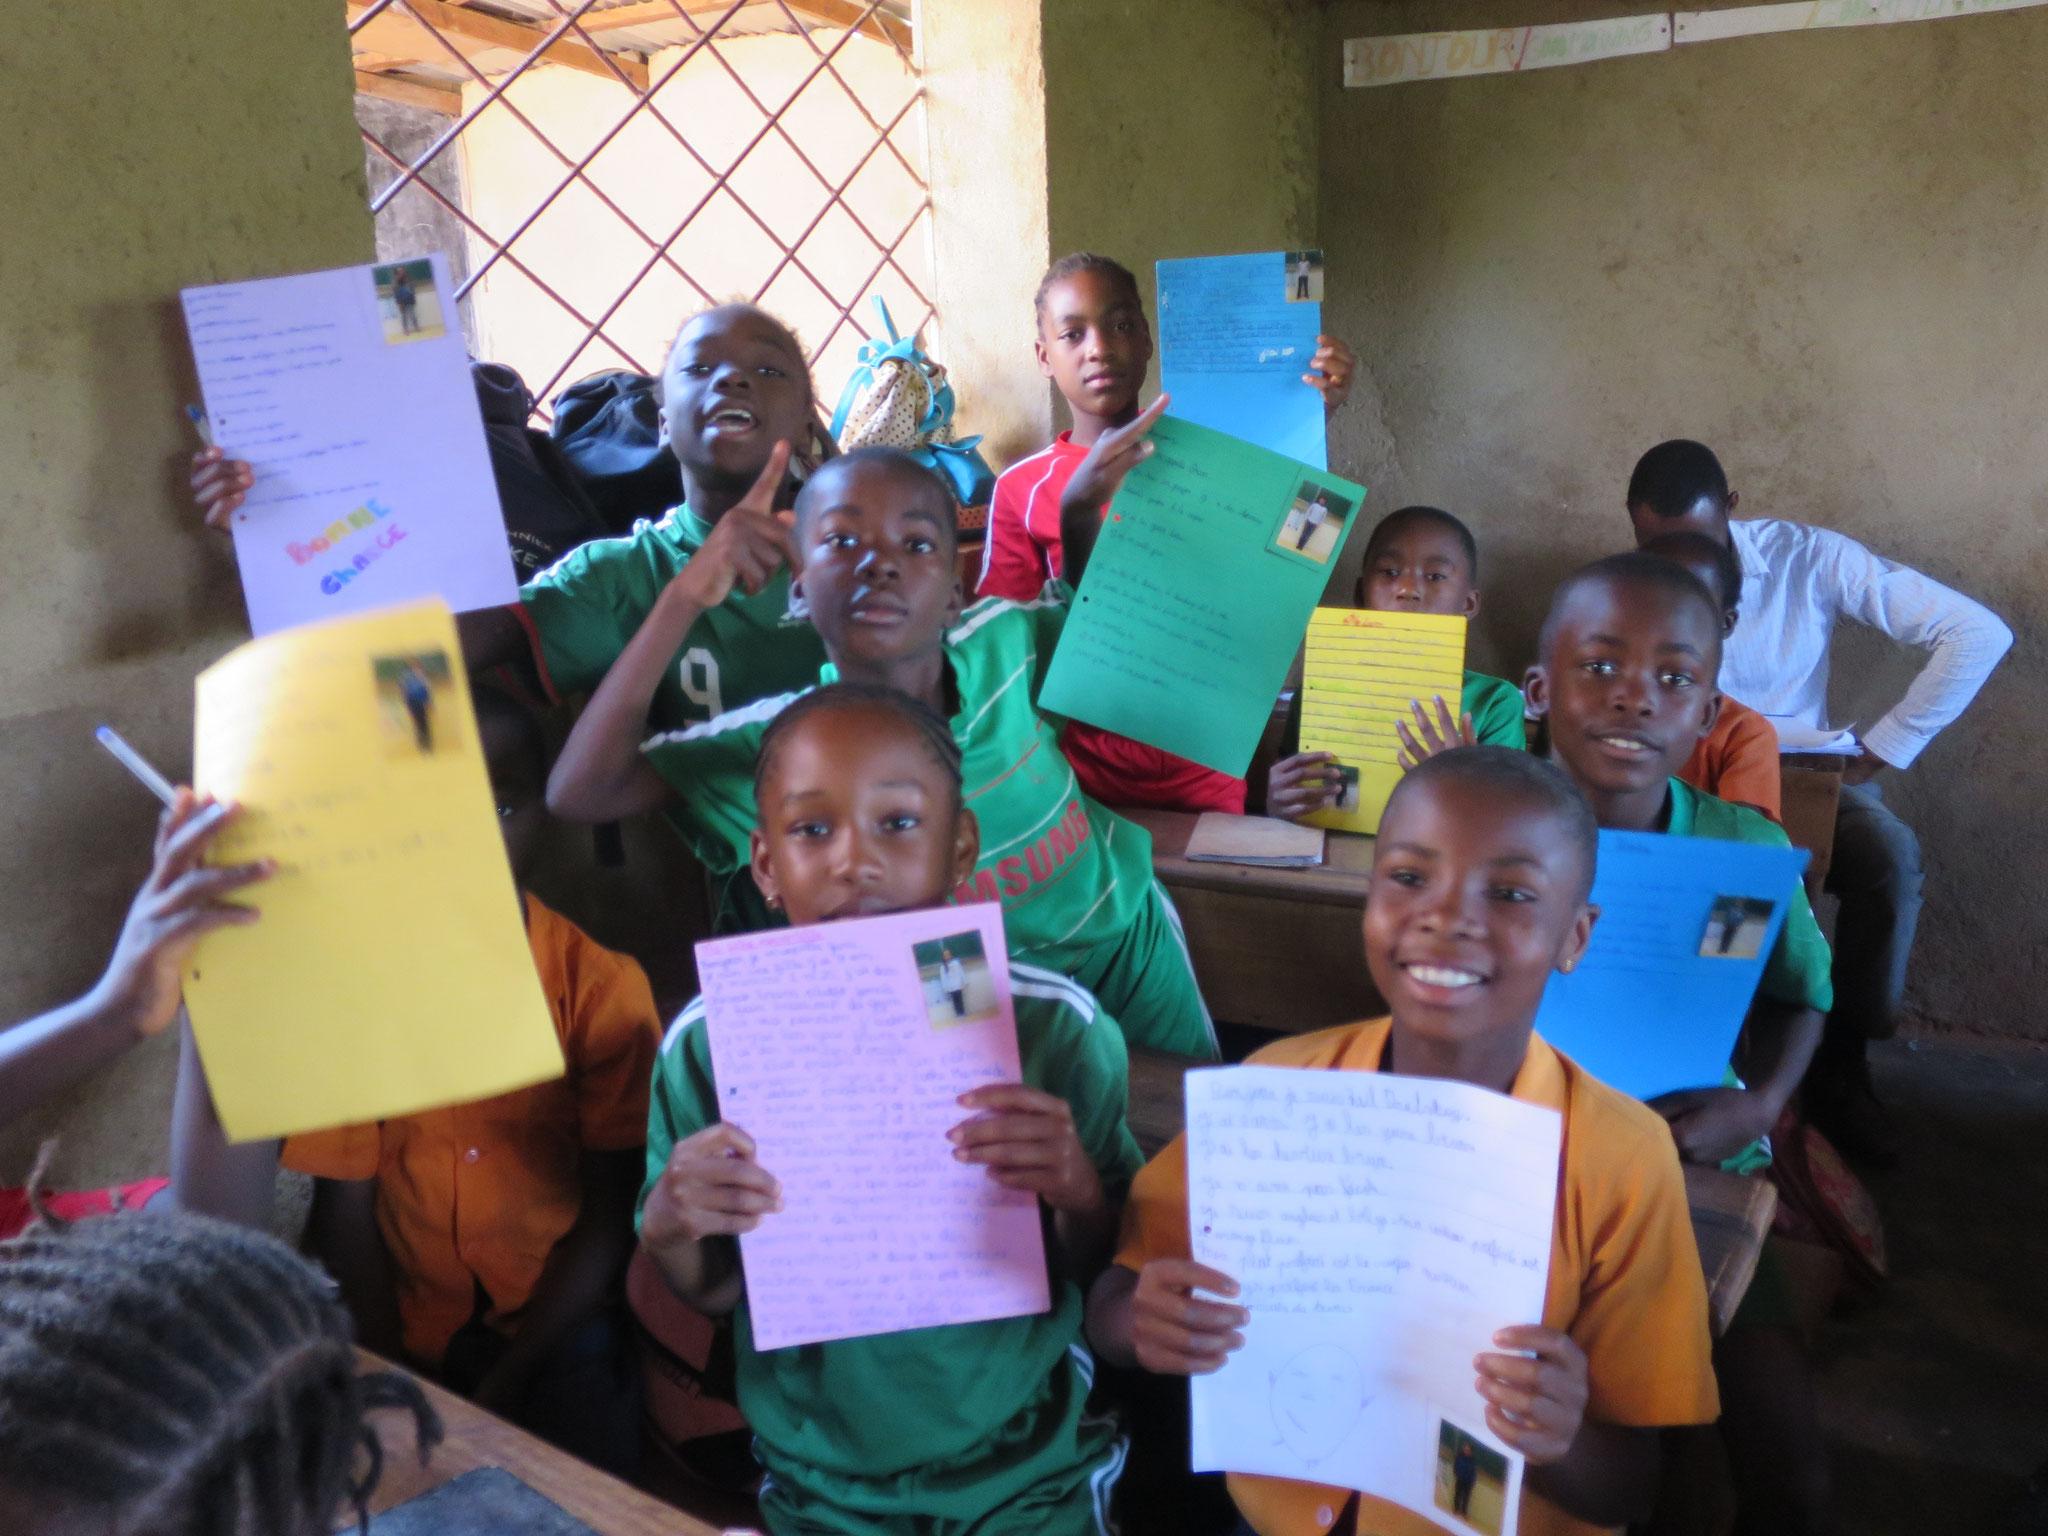 échange pédagogique - correspendance par lettre avec des élèves en Europe